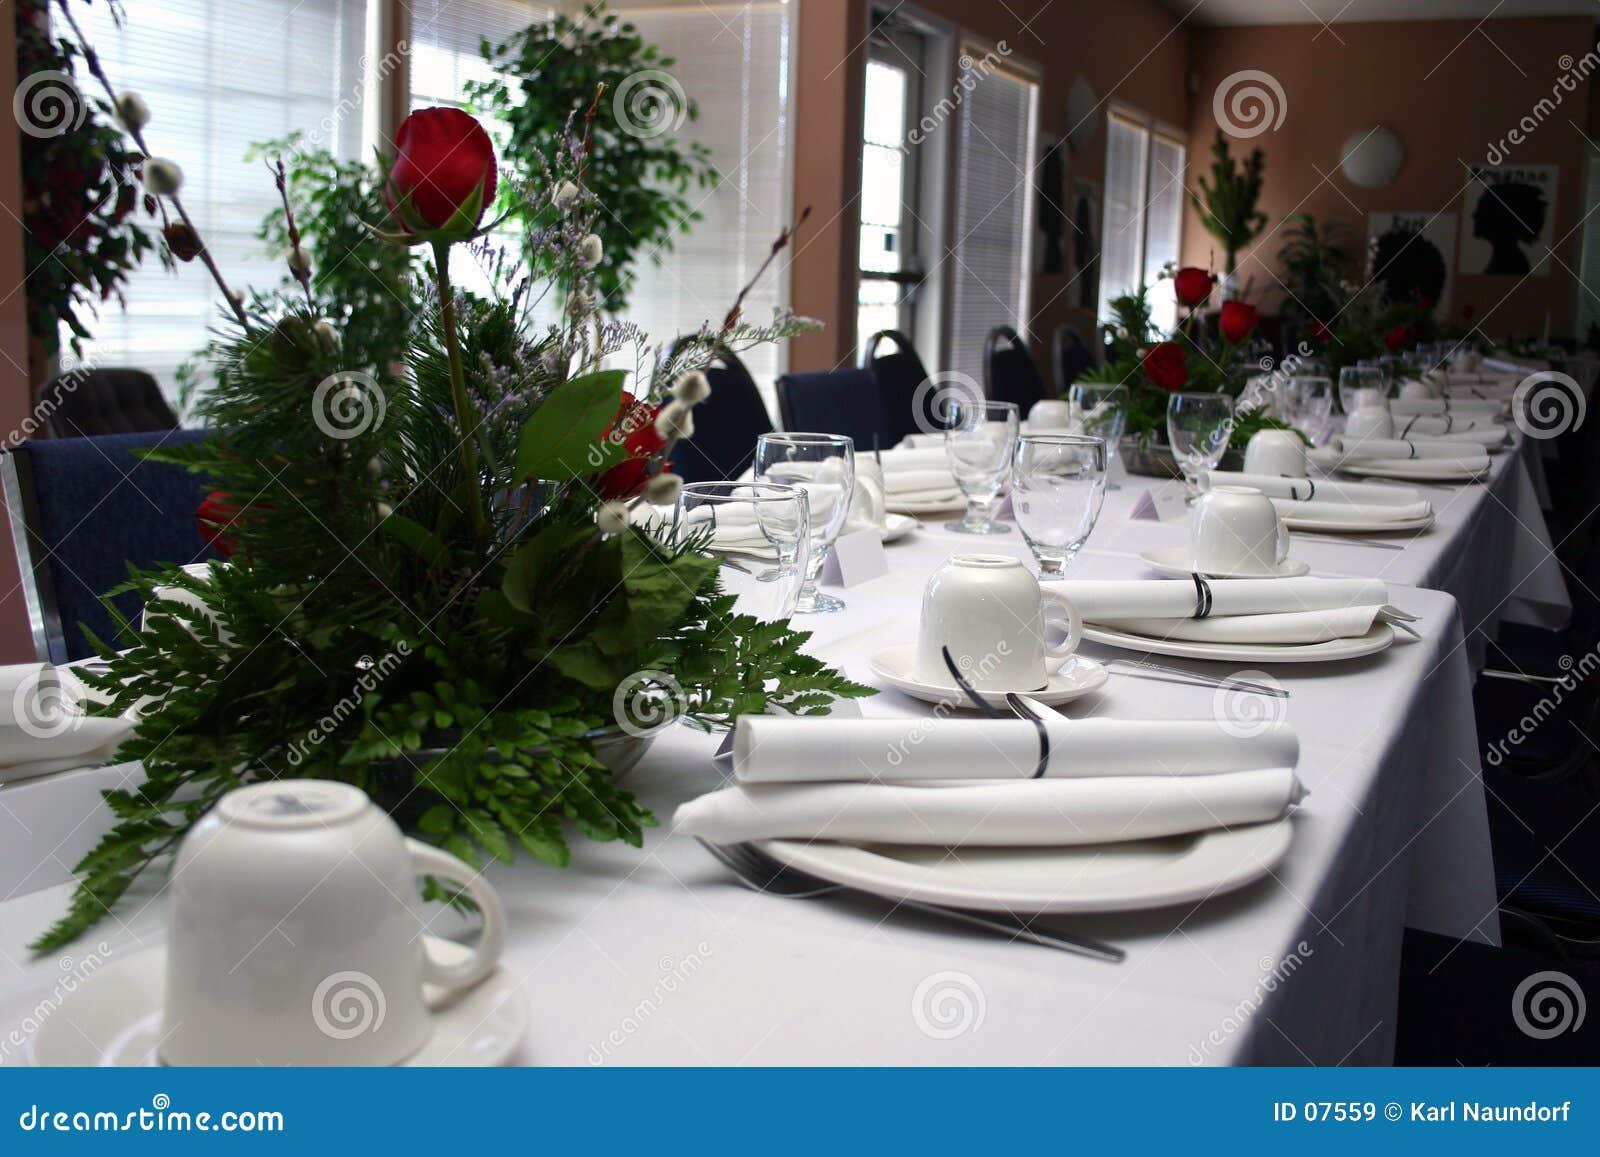 Formal Banquet II